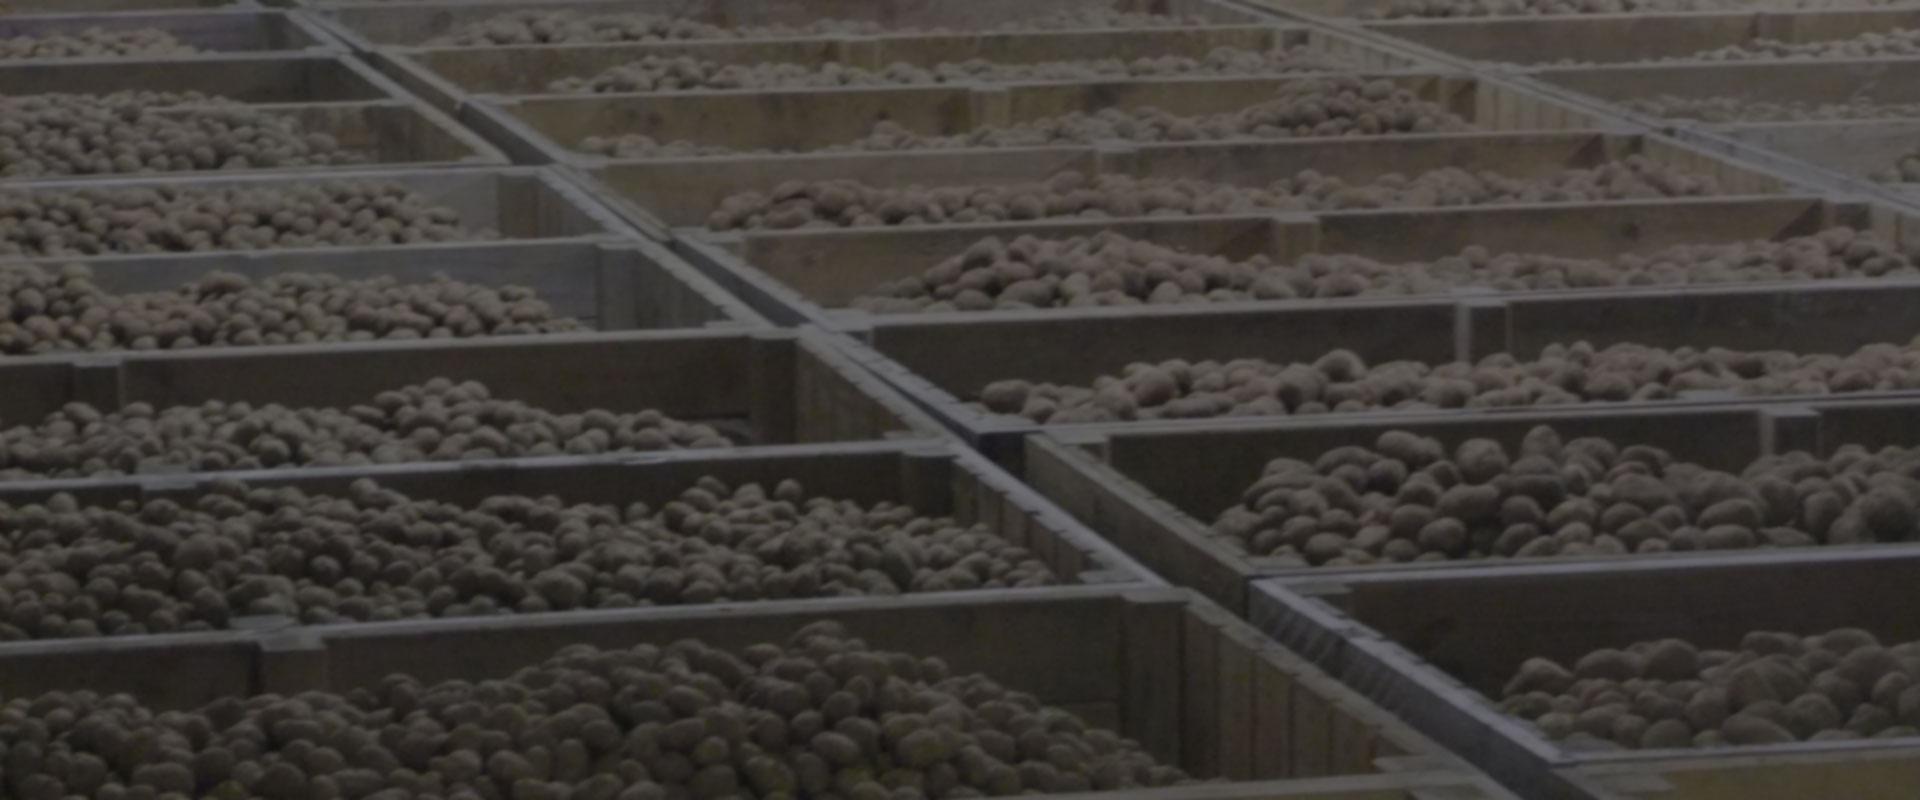 Contrats 2020 – 2021 en pommes de terre bio : production de frites, chips / croustilles et variétés pour le marché du frais.